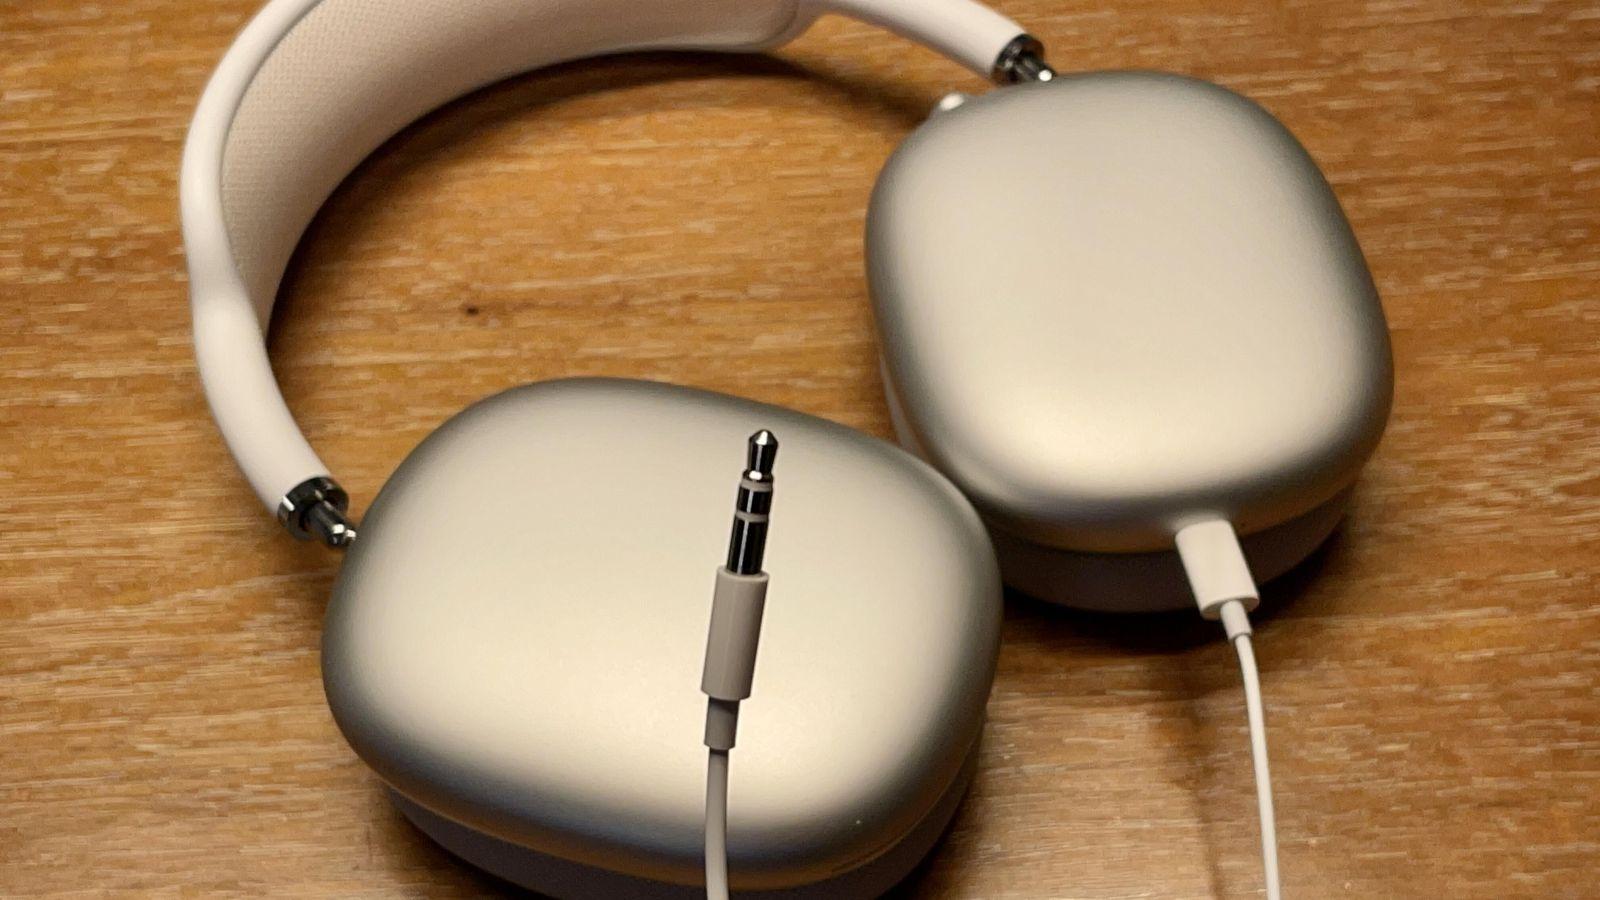 Tai nghe AirPods Max của Apple tiếp tục gặp lỗi hao pin ở chế độ chờ